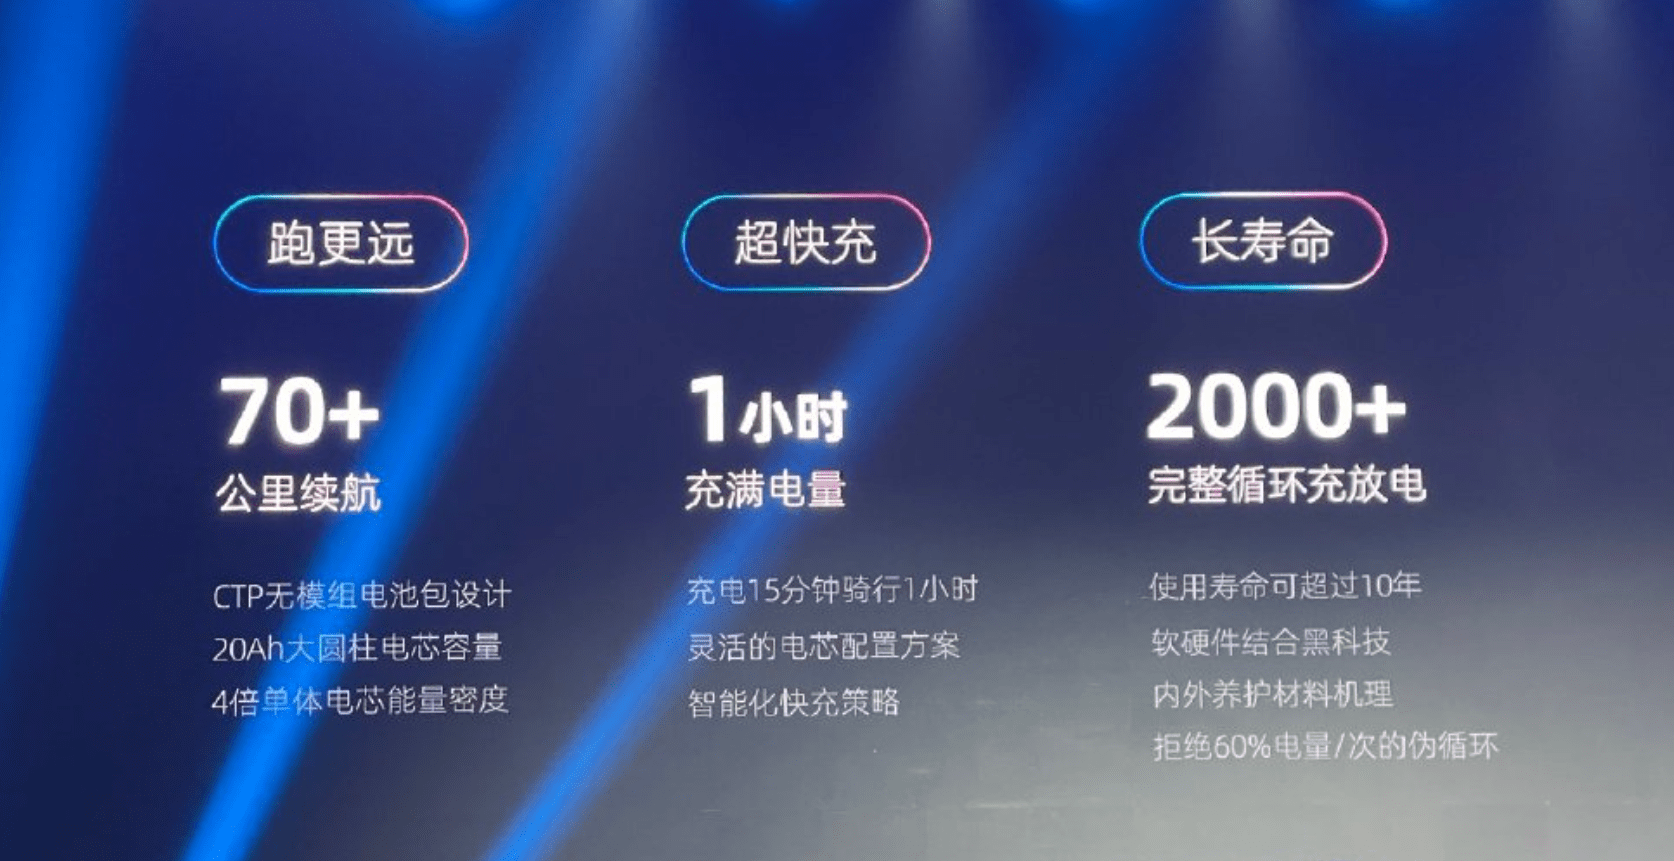 天顺平台开户-首页【1.1.9】  第2张